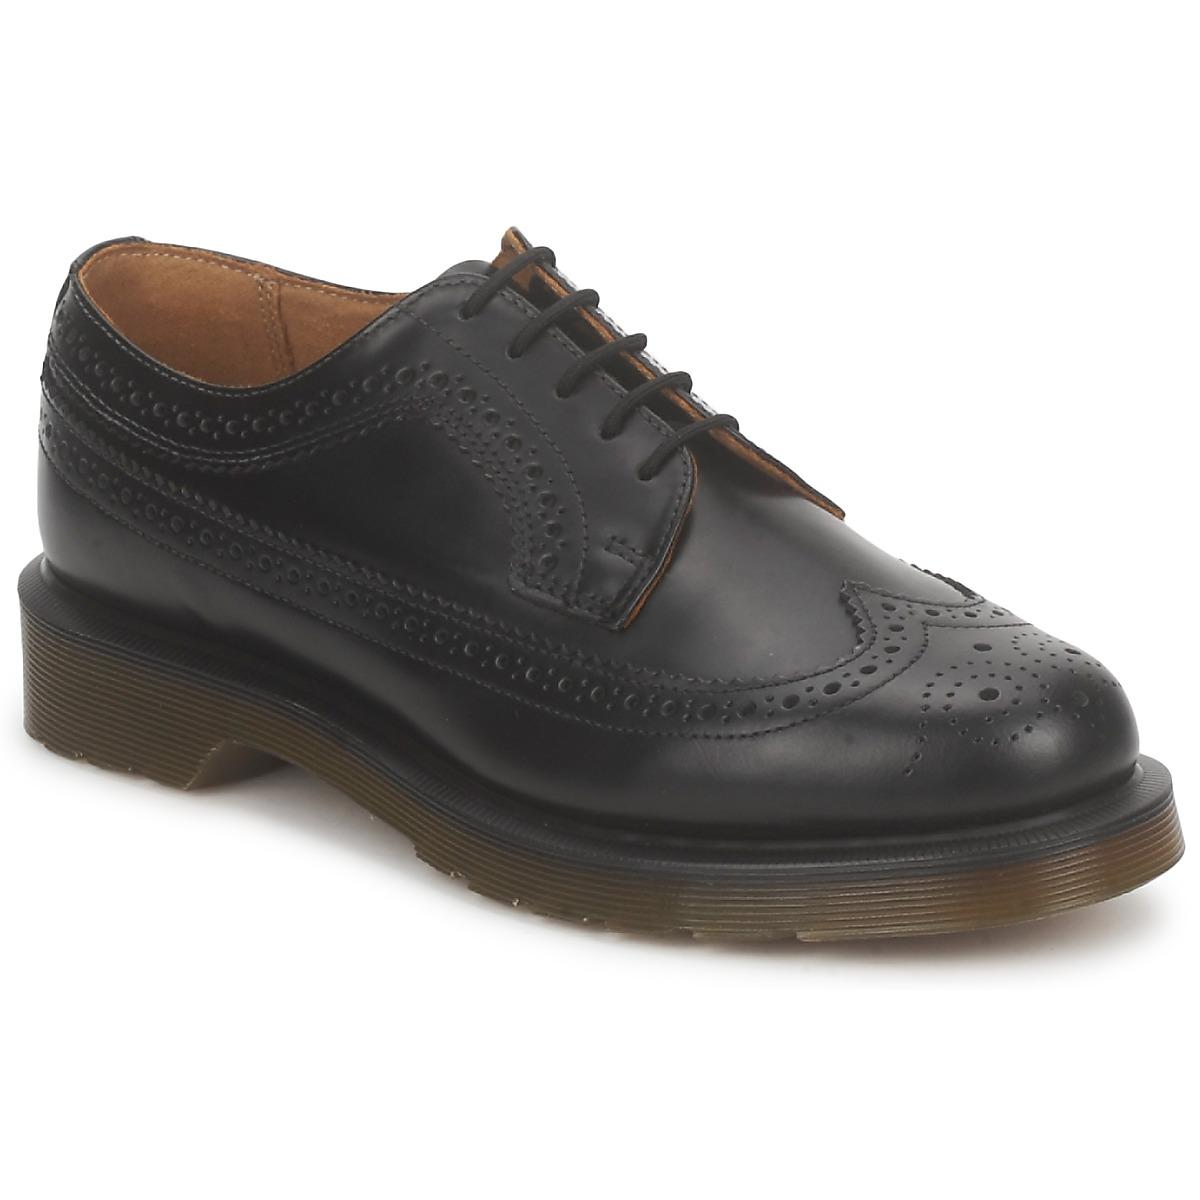 Dr Martens 3989 Schwarz - Kostenloser Versand bei Spartoode ! - Schuhe Derby-Schuhe  124,00 €